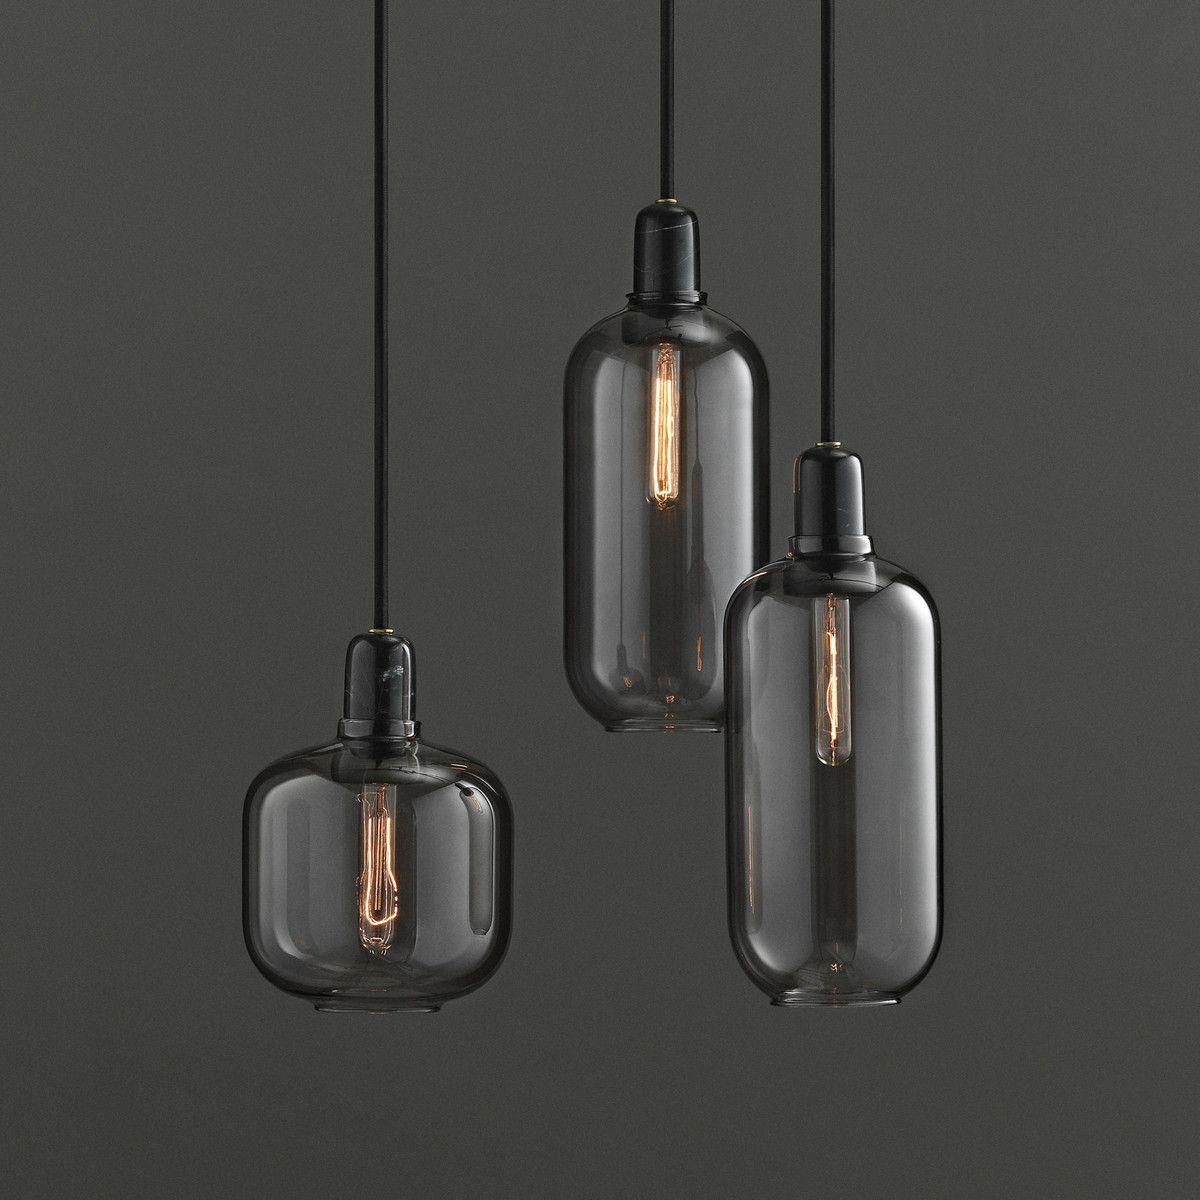 Amp Pendelleuchte von Normann Copenhagen | Pinterest | Beleuchtung ...